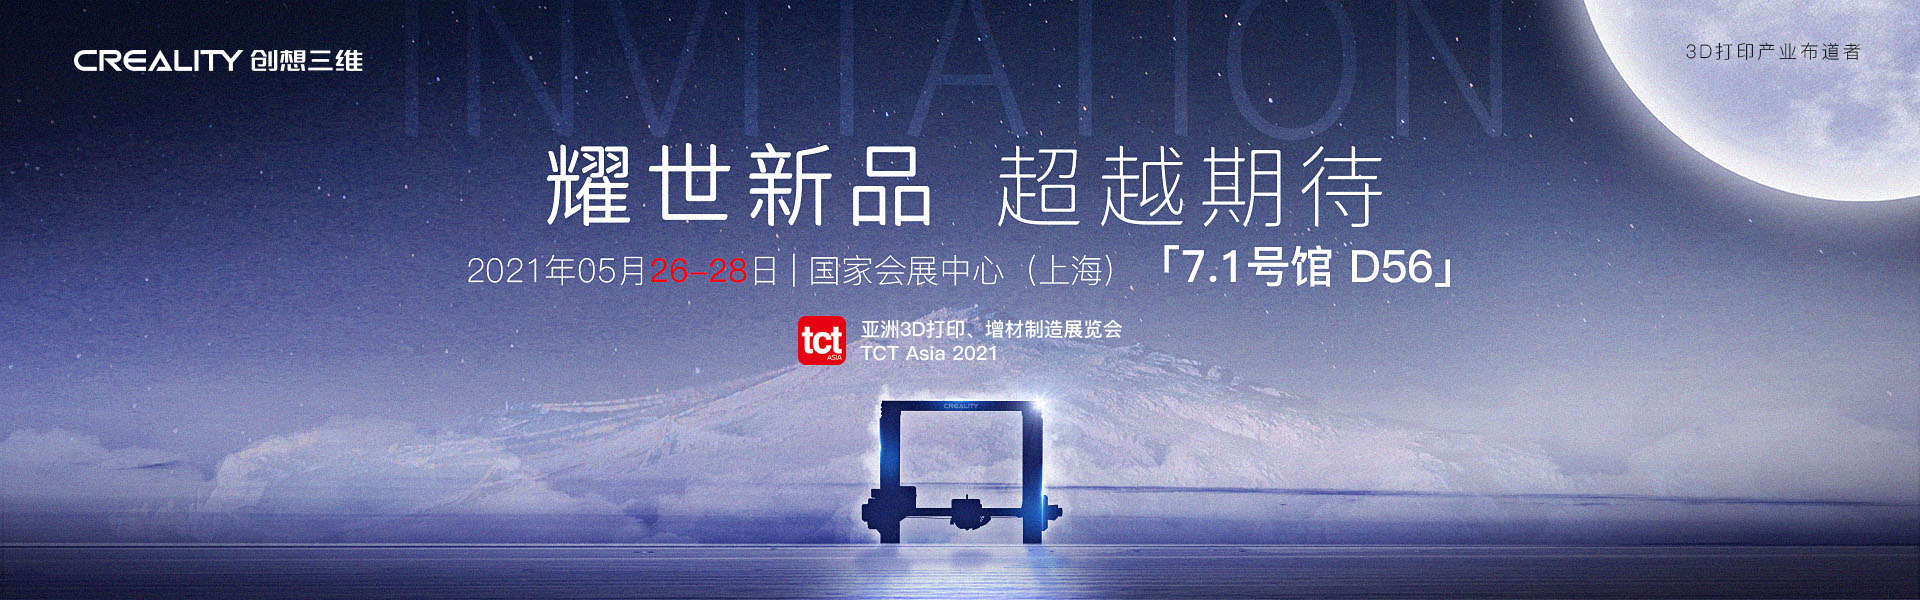 TCT亚洲展 | 创想三维携多款硬核新品惊喜亮相